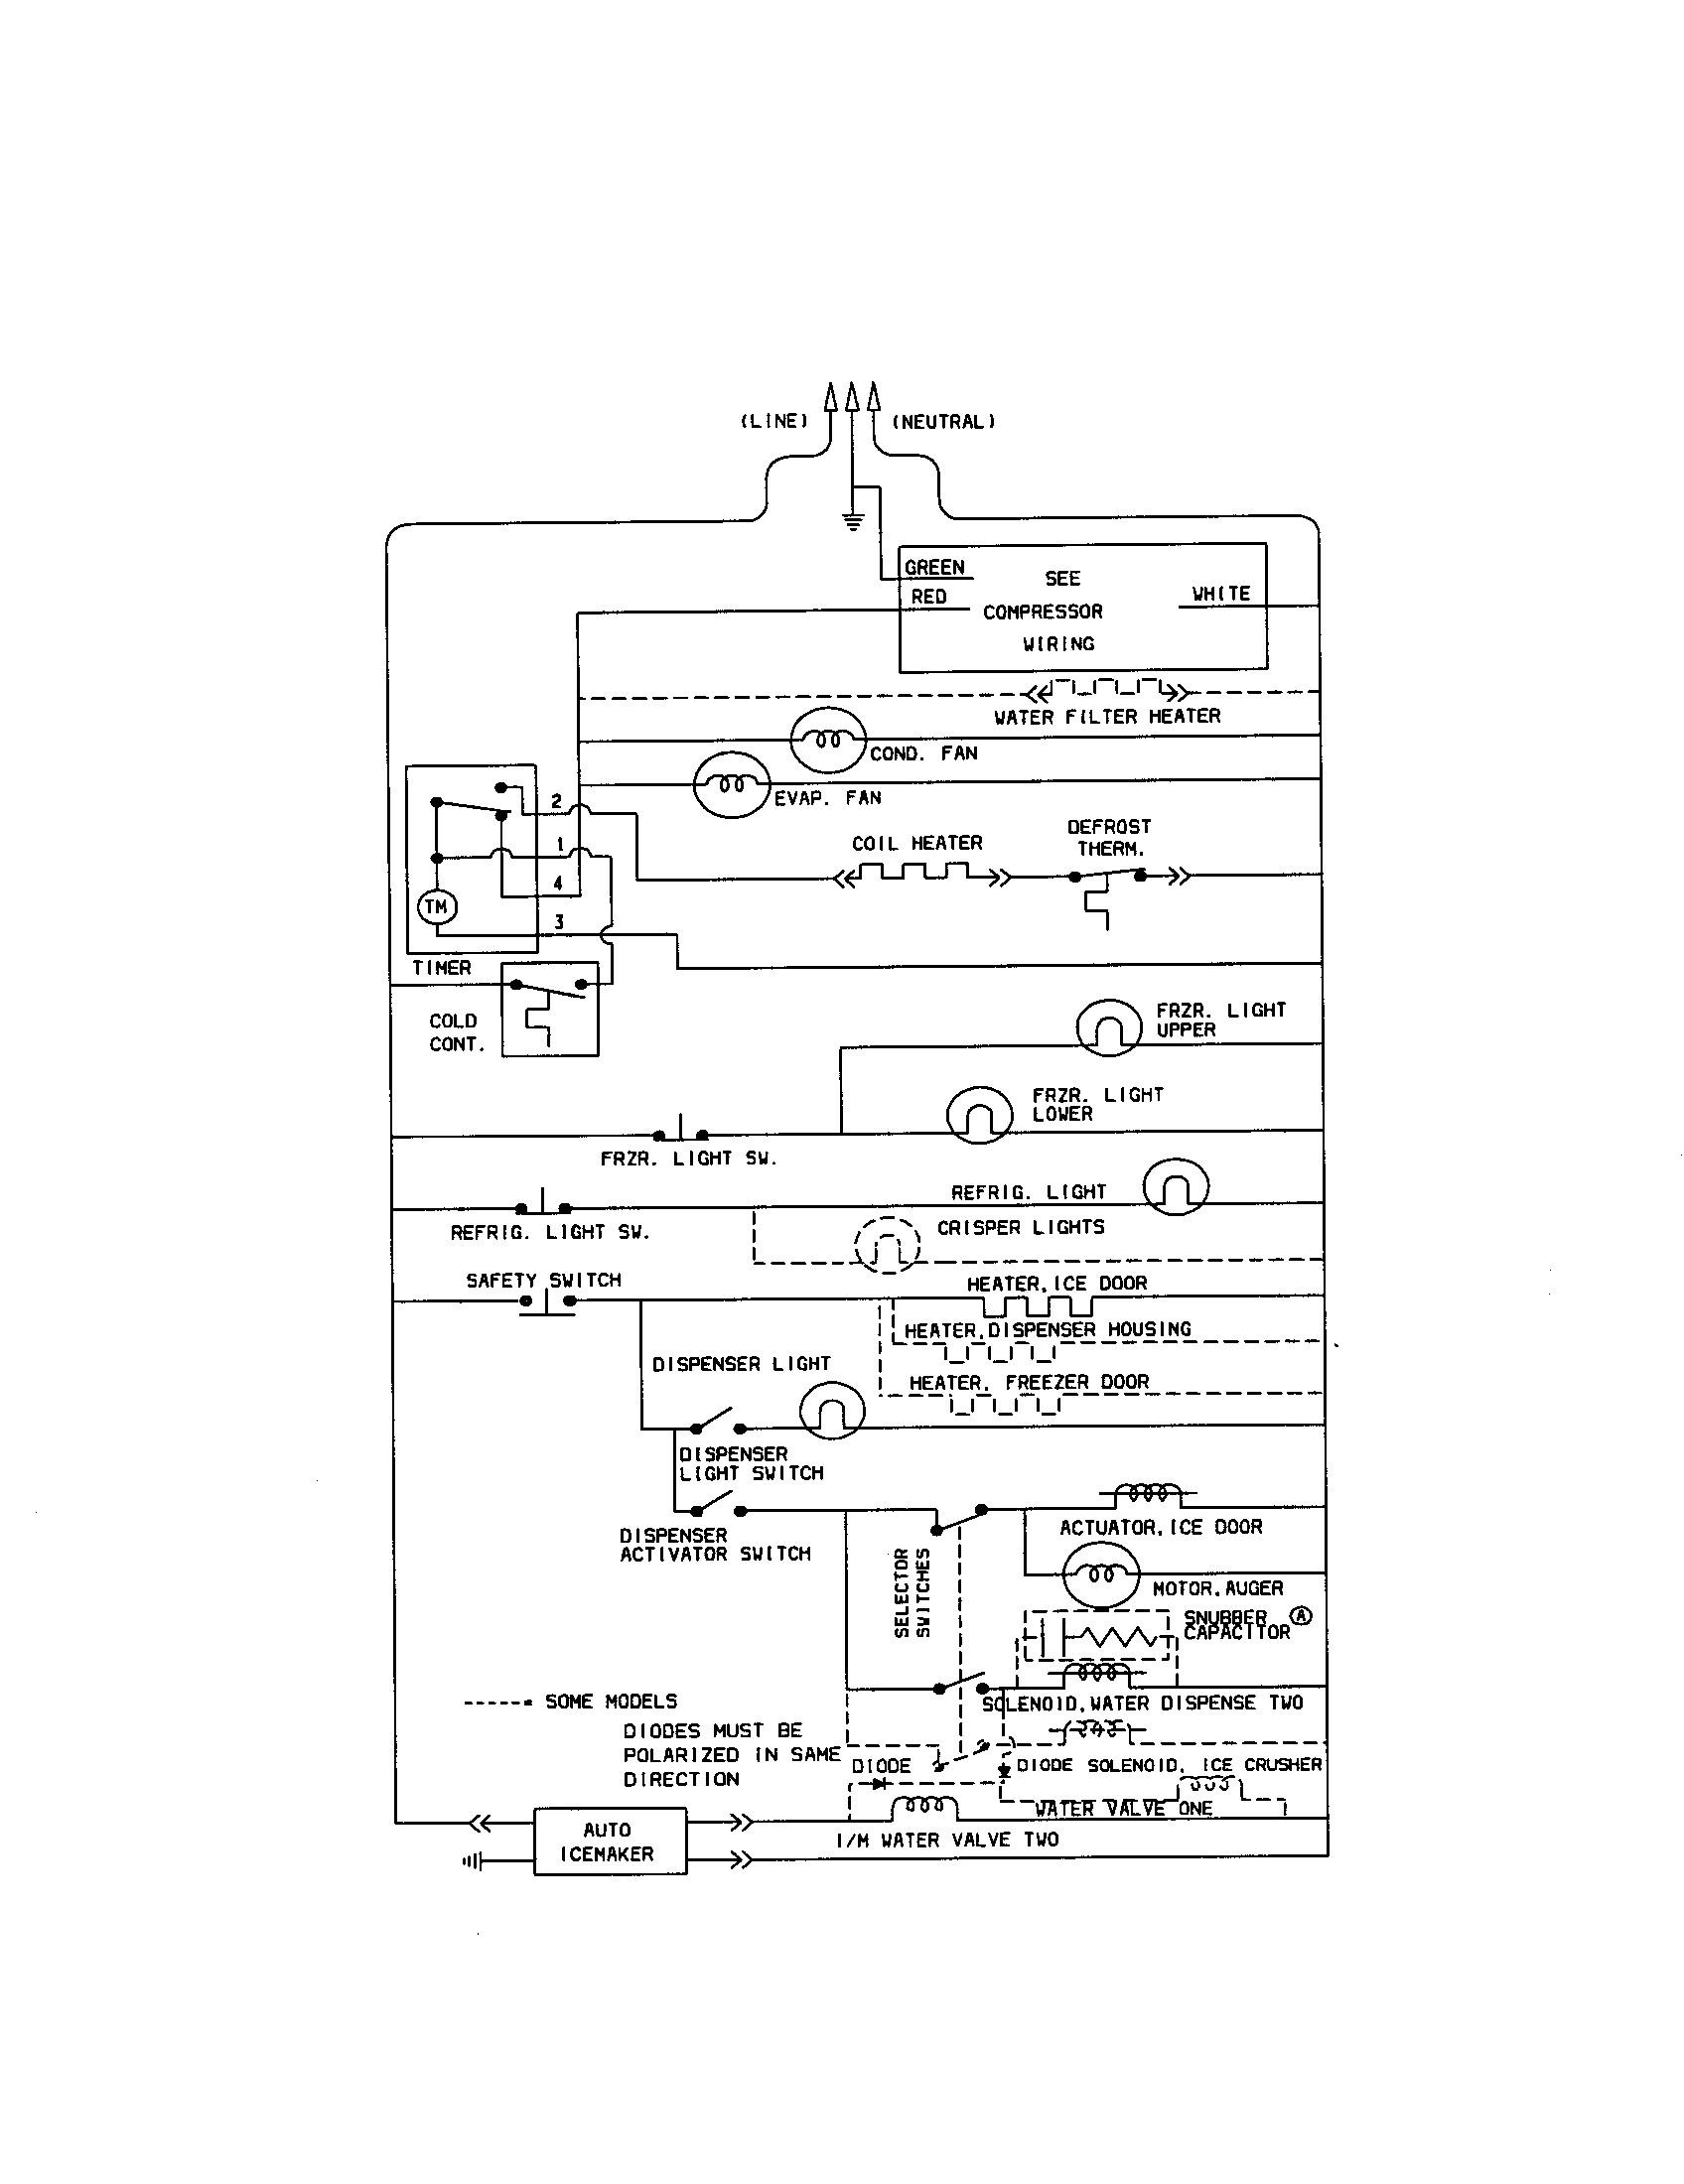 Kenmore Refrigerator Wiring Schematic - Wiring Diagram Bookmark on